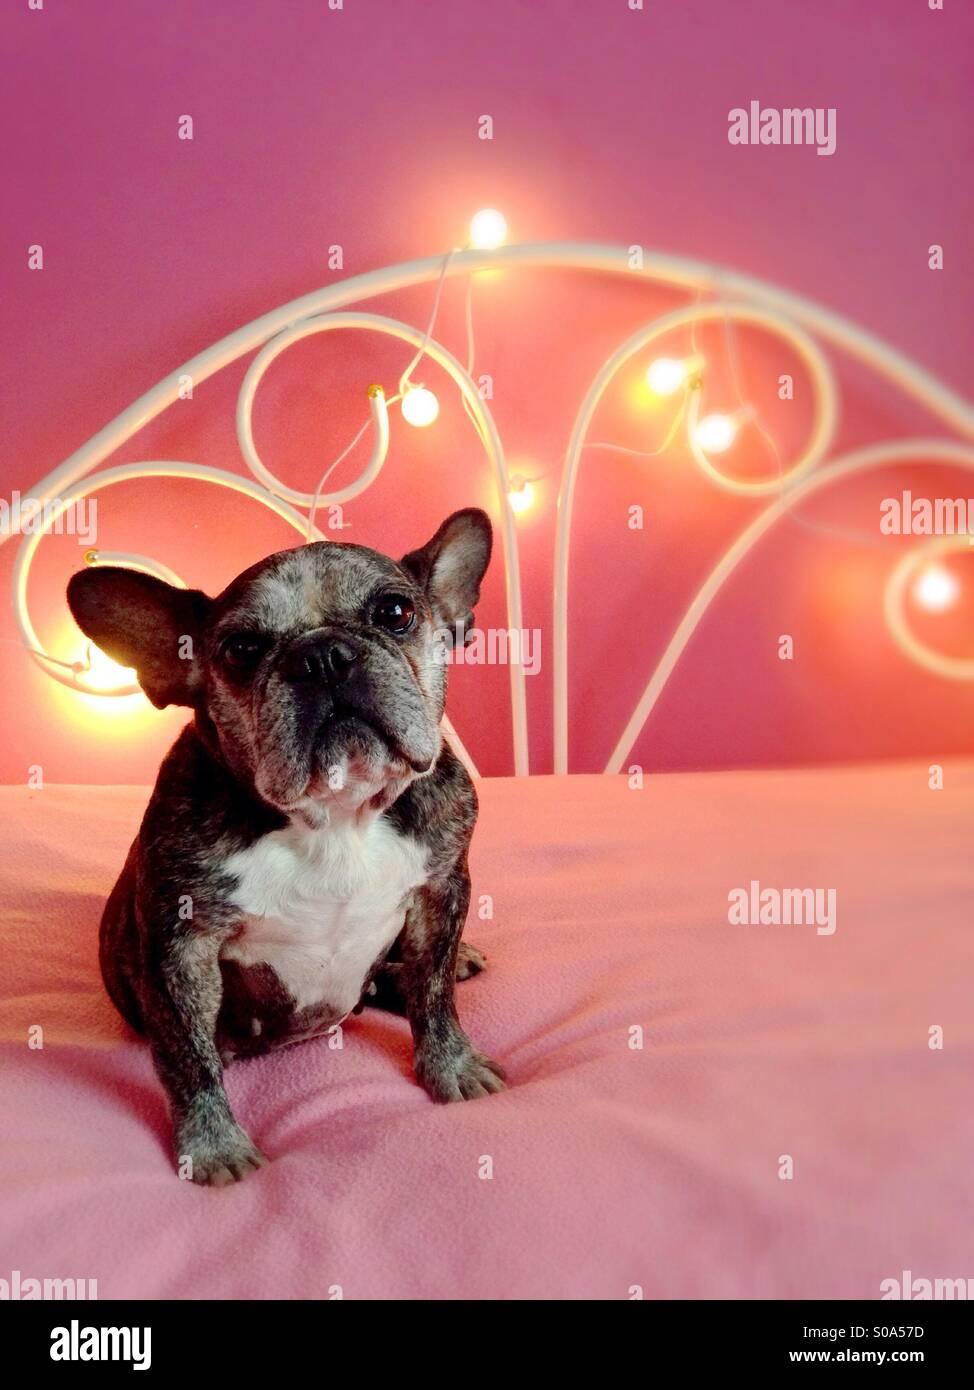 Un coqueto bulldog francés sentado sobre una cama de rosas. Imagen De Stock